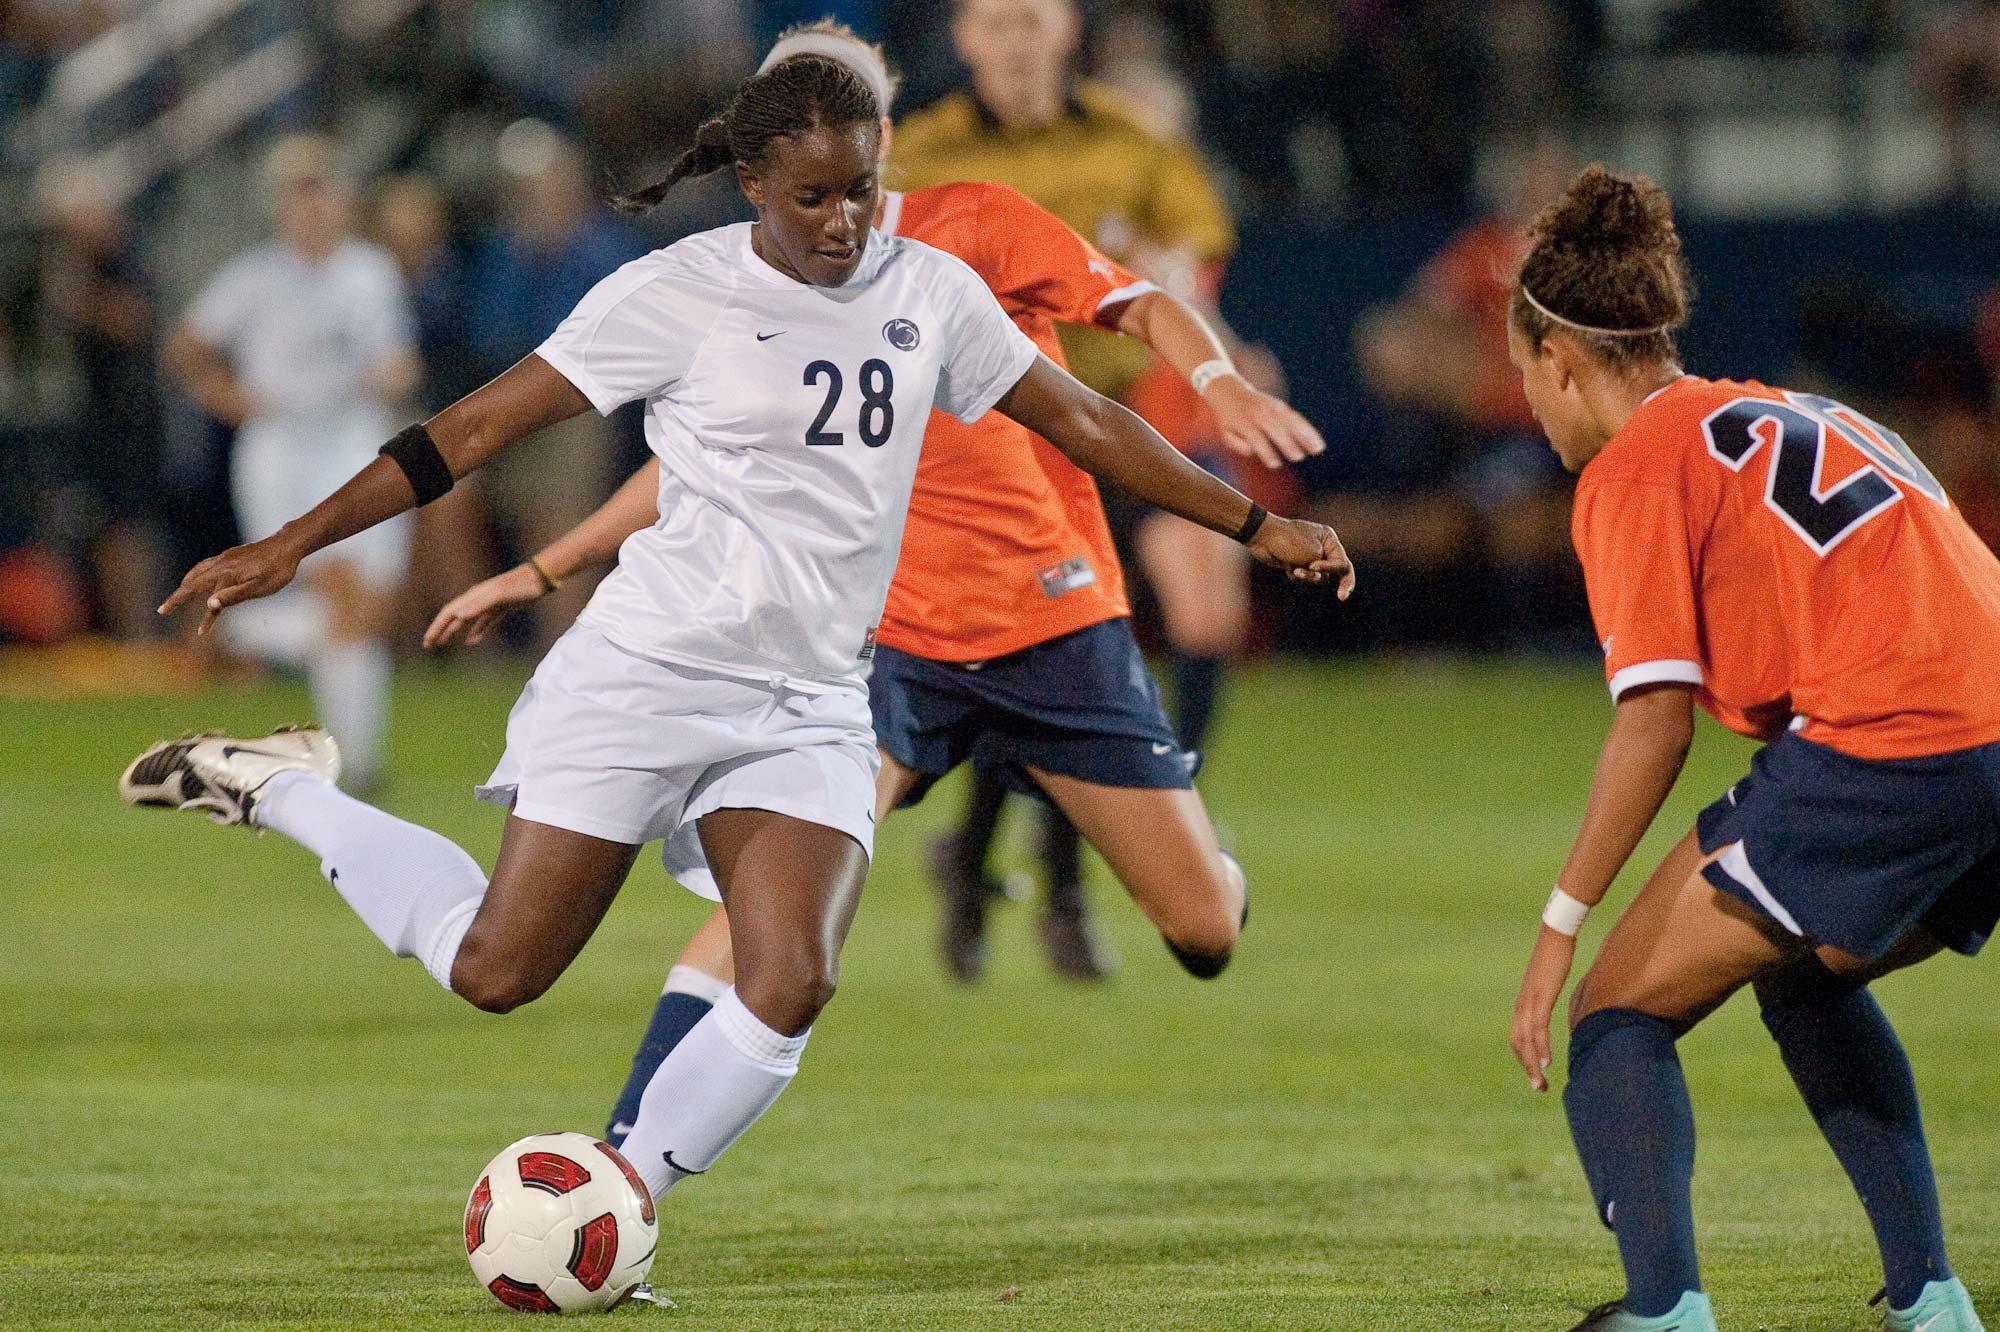 women sport football 01 - <b>«Если ты профессионалка, то это случайность».</b> Как дискриминируют женщин в спорте - Заборона